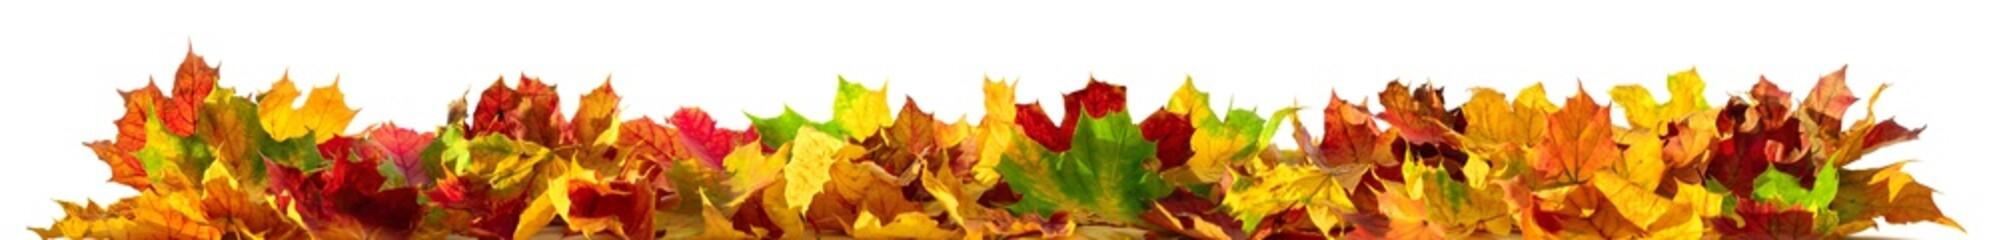 Bunte Blätter als Rand, Herbst Verzierung isoliert auf weiß